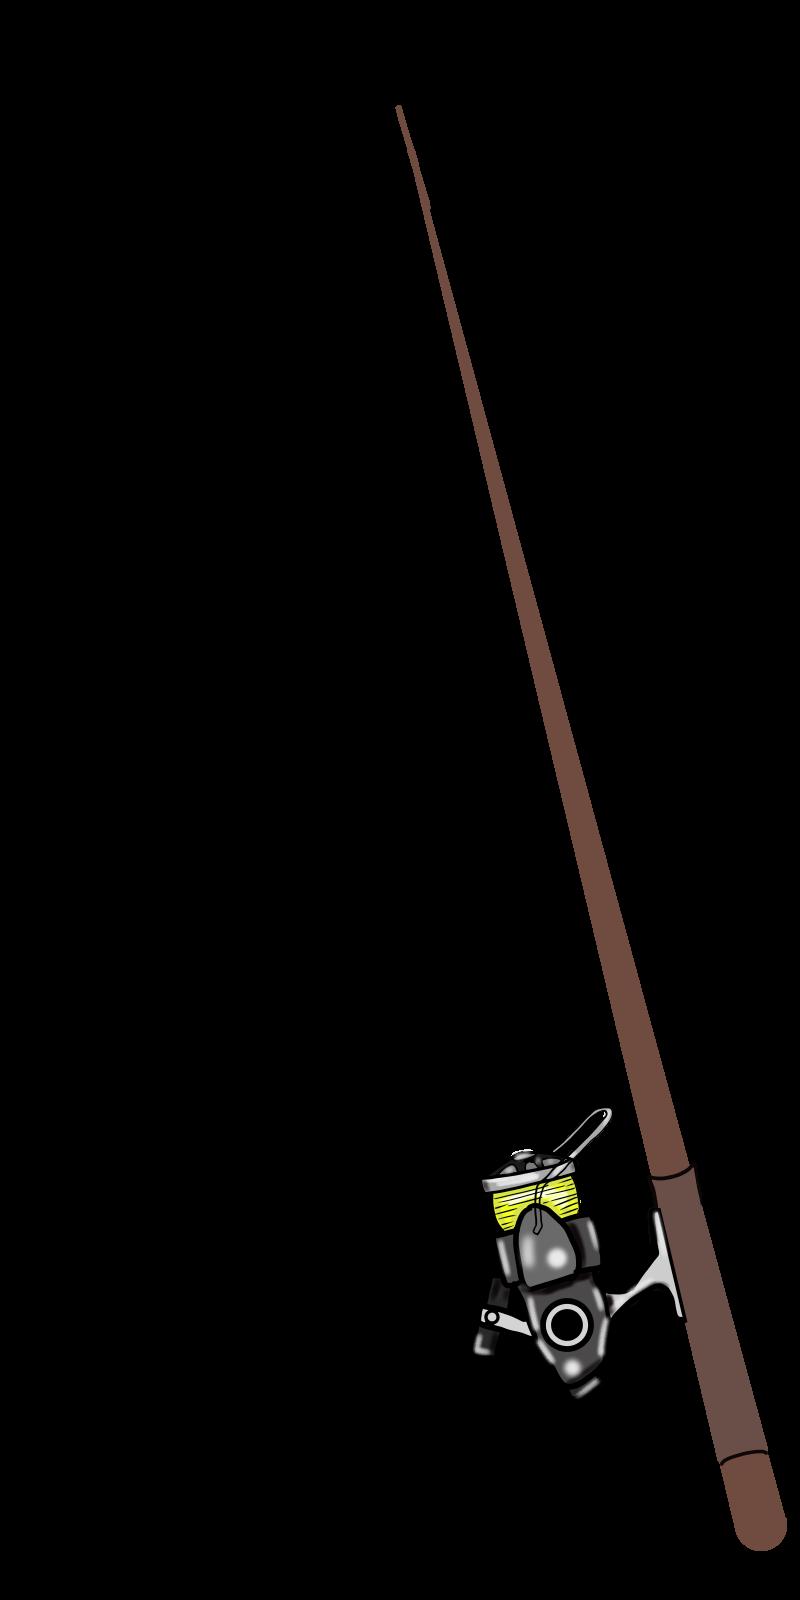 仕掛けは自分で書いてよね♡釣り竿とリールの無料イラスト2015-6-8 手竿